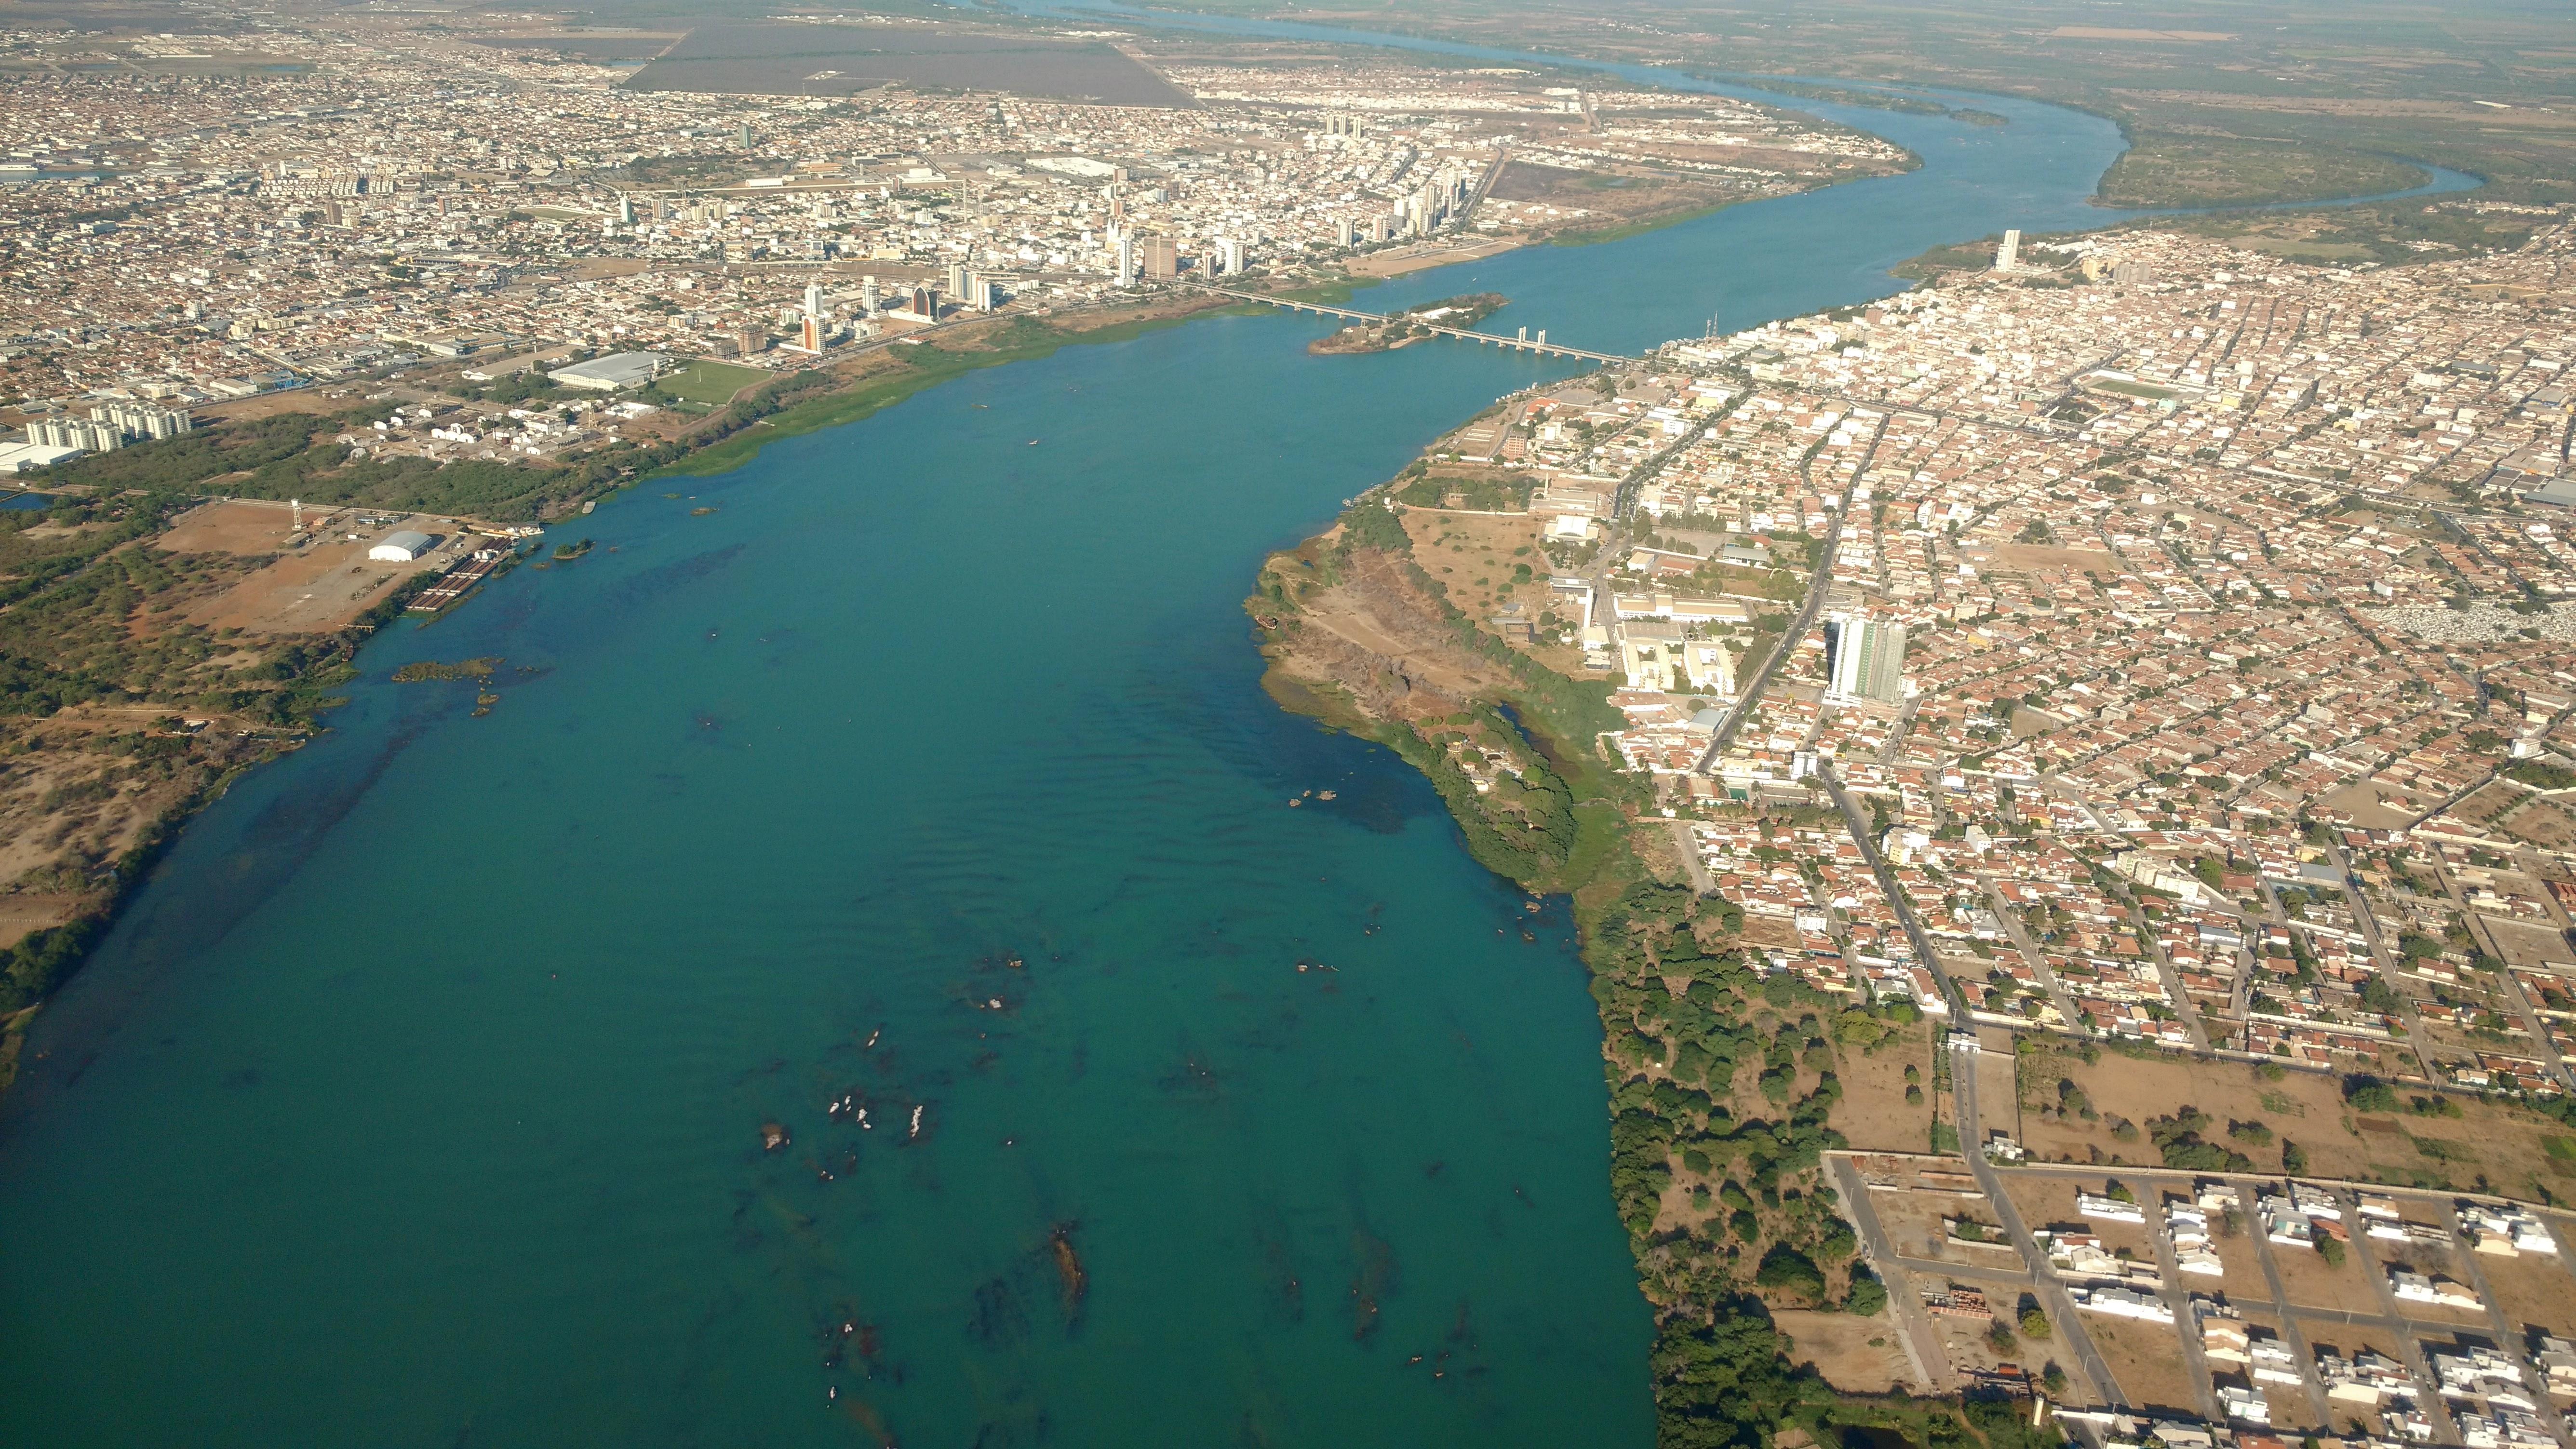 O azul turquesa do rio São Francisco recebe da boas vindas a quem chega ao semiárido. Na foto, o trecho urbano do Velho Chico, dividindo Petrolina, no Pernambuco, e Juazeiro, na Bahia.